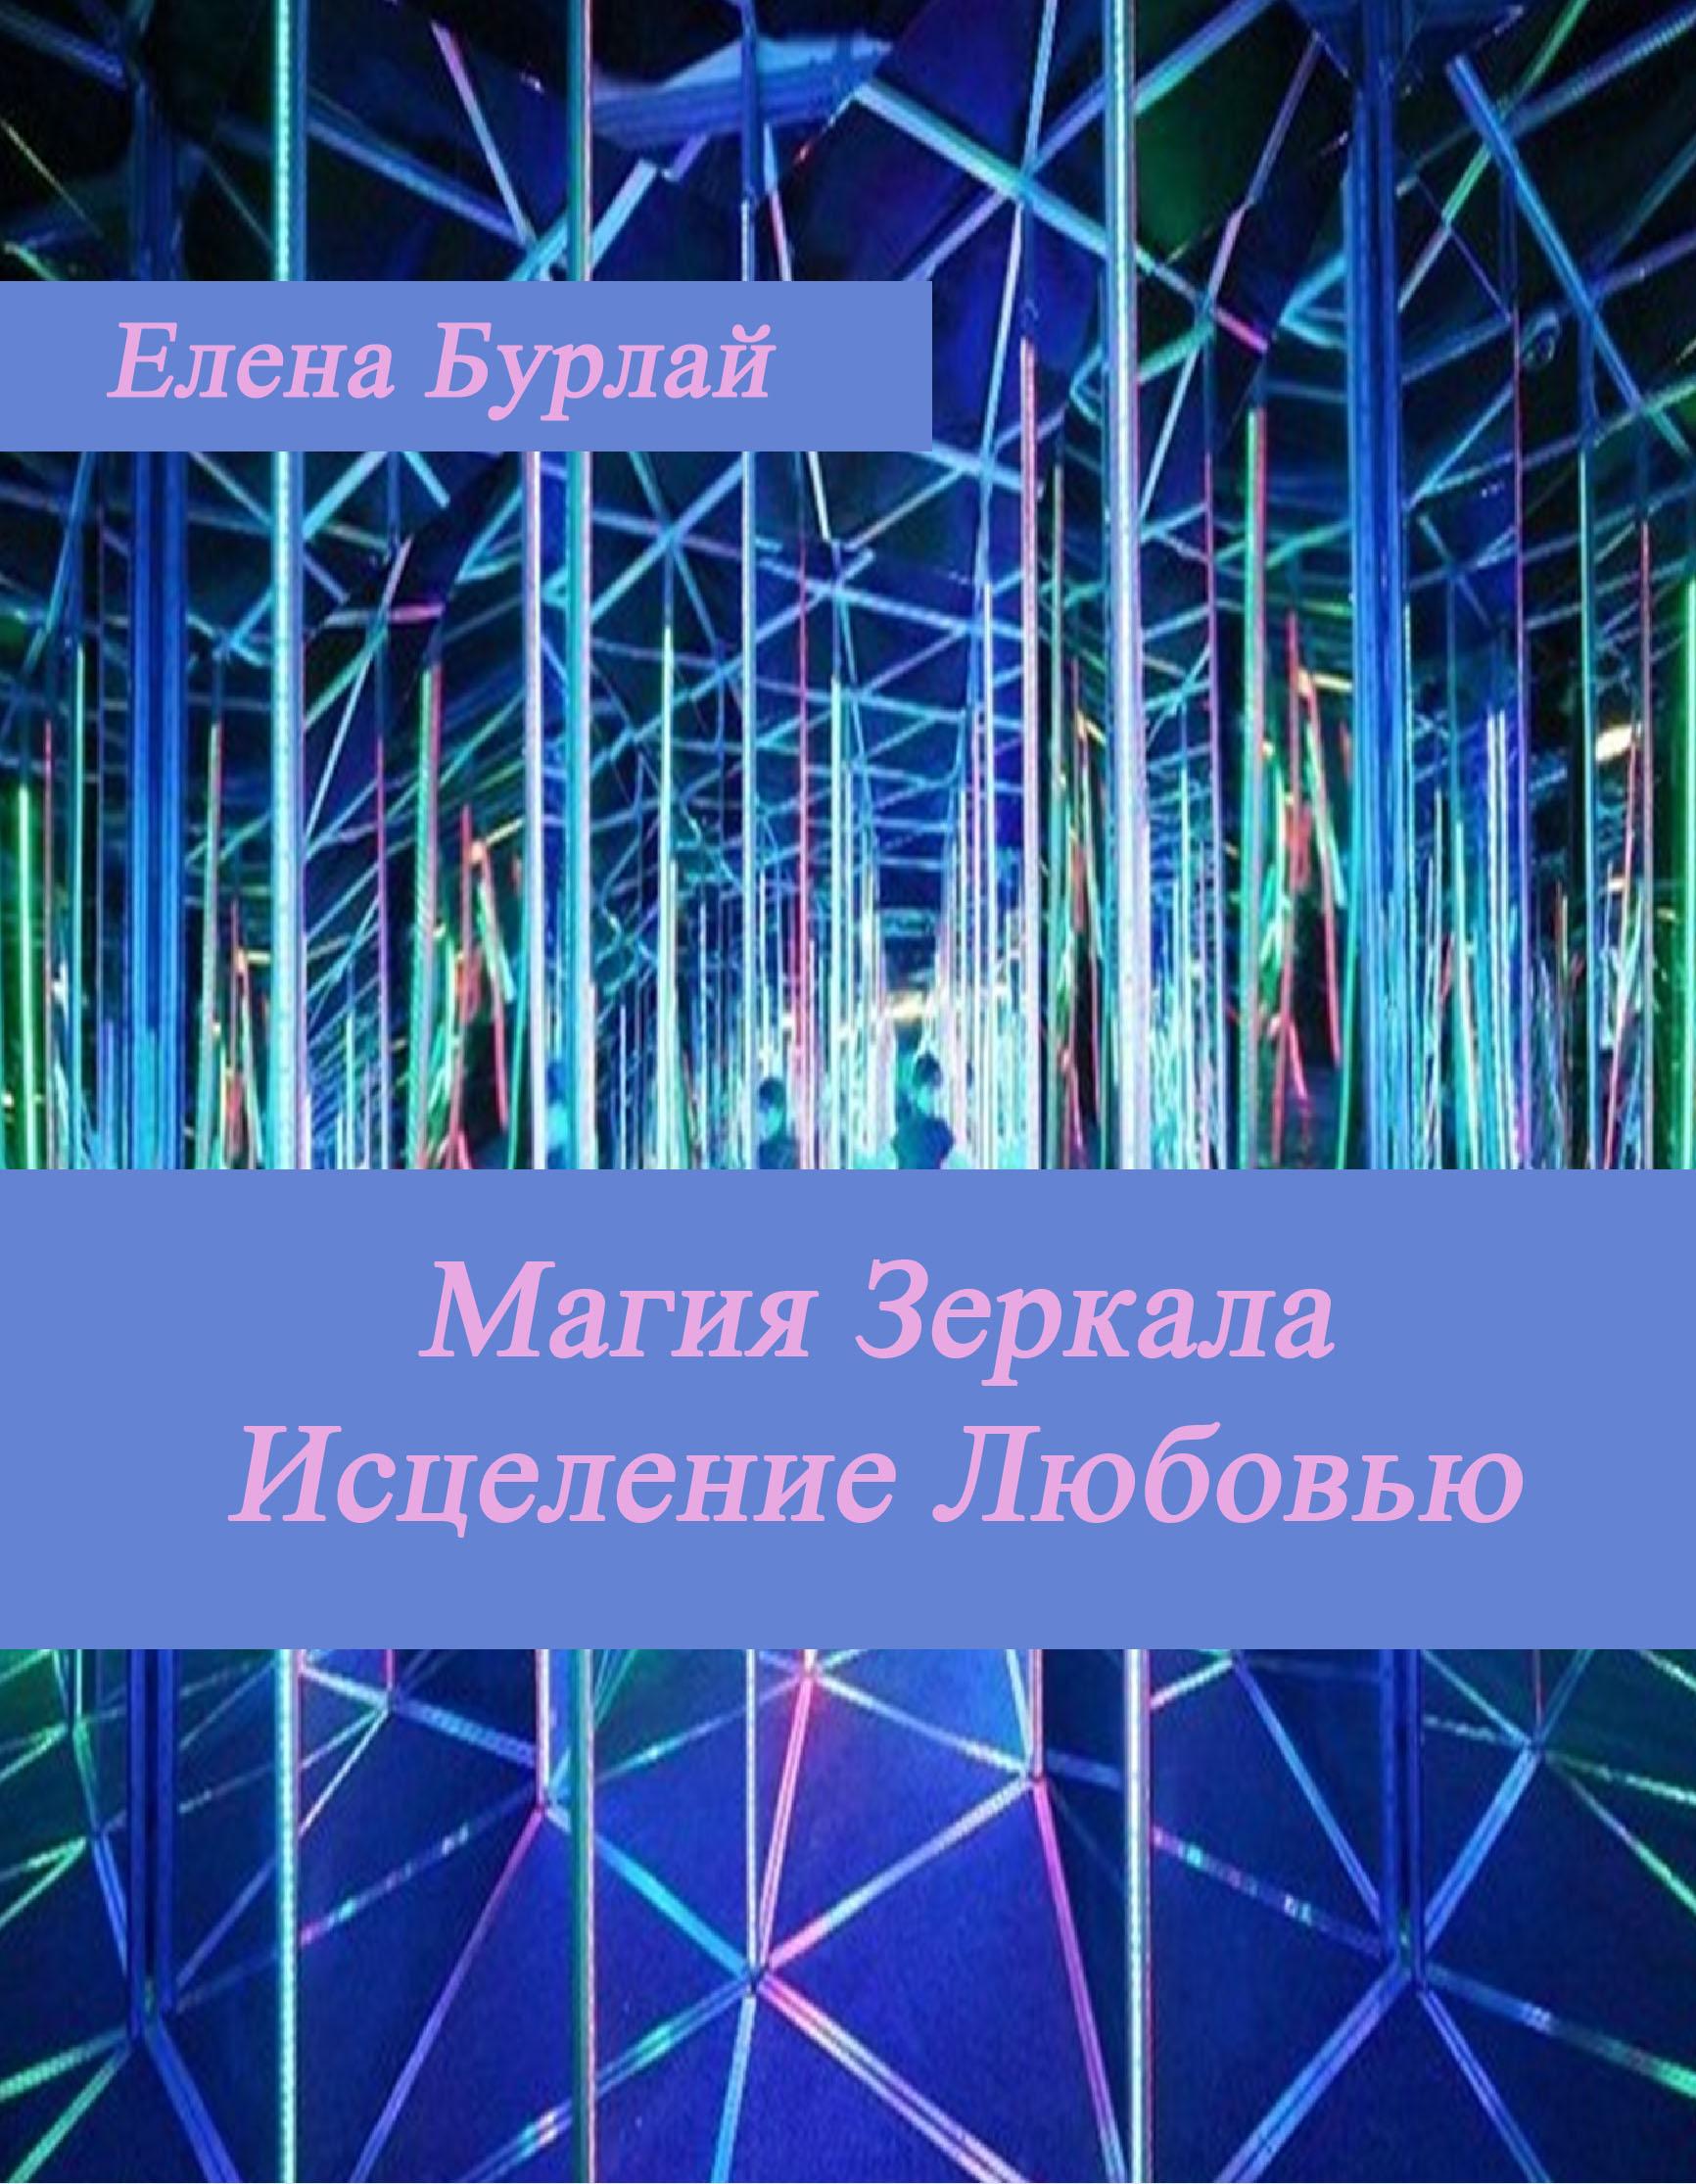 обложка магия зеркала исц любовью1